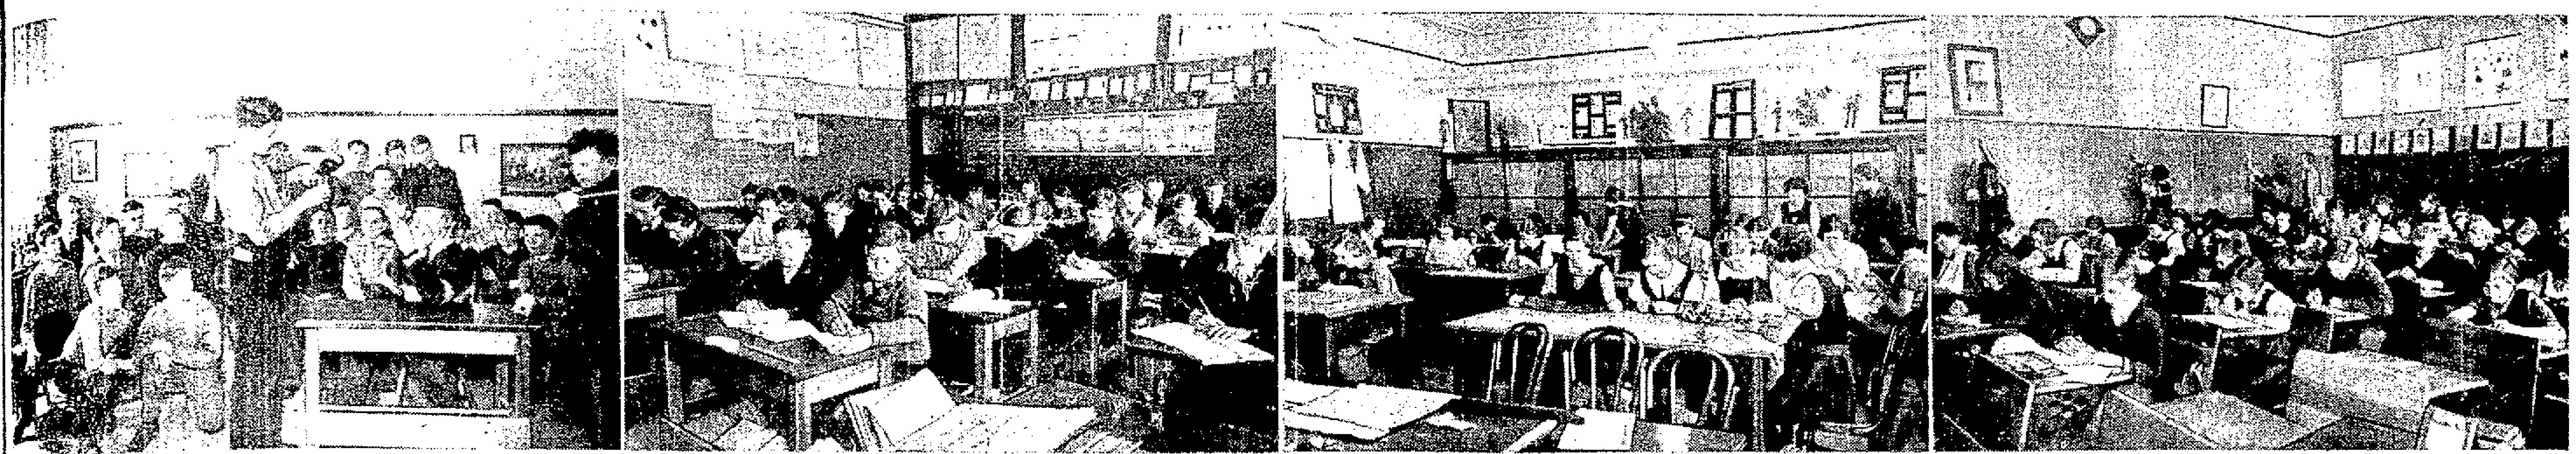 Interior of Cecil Rhodes School